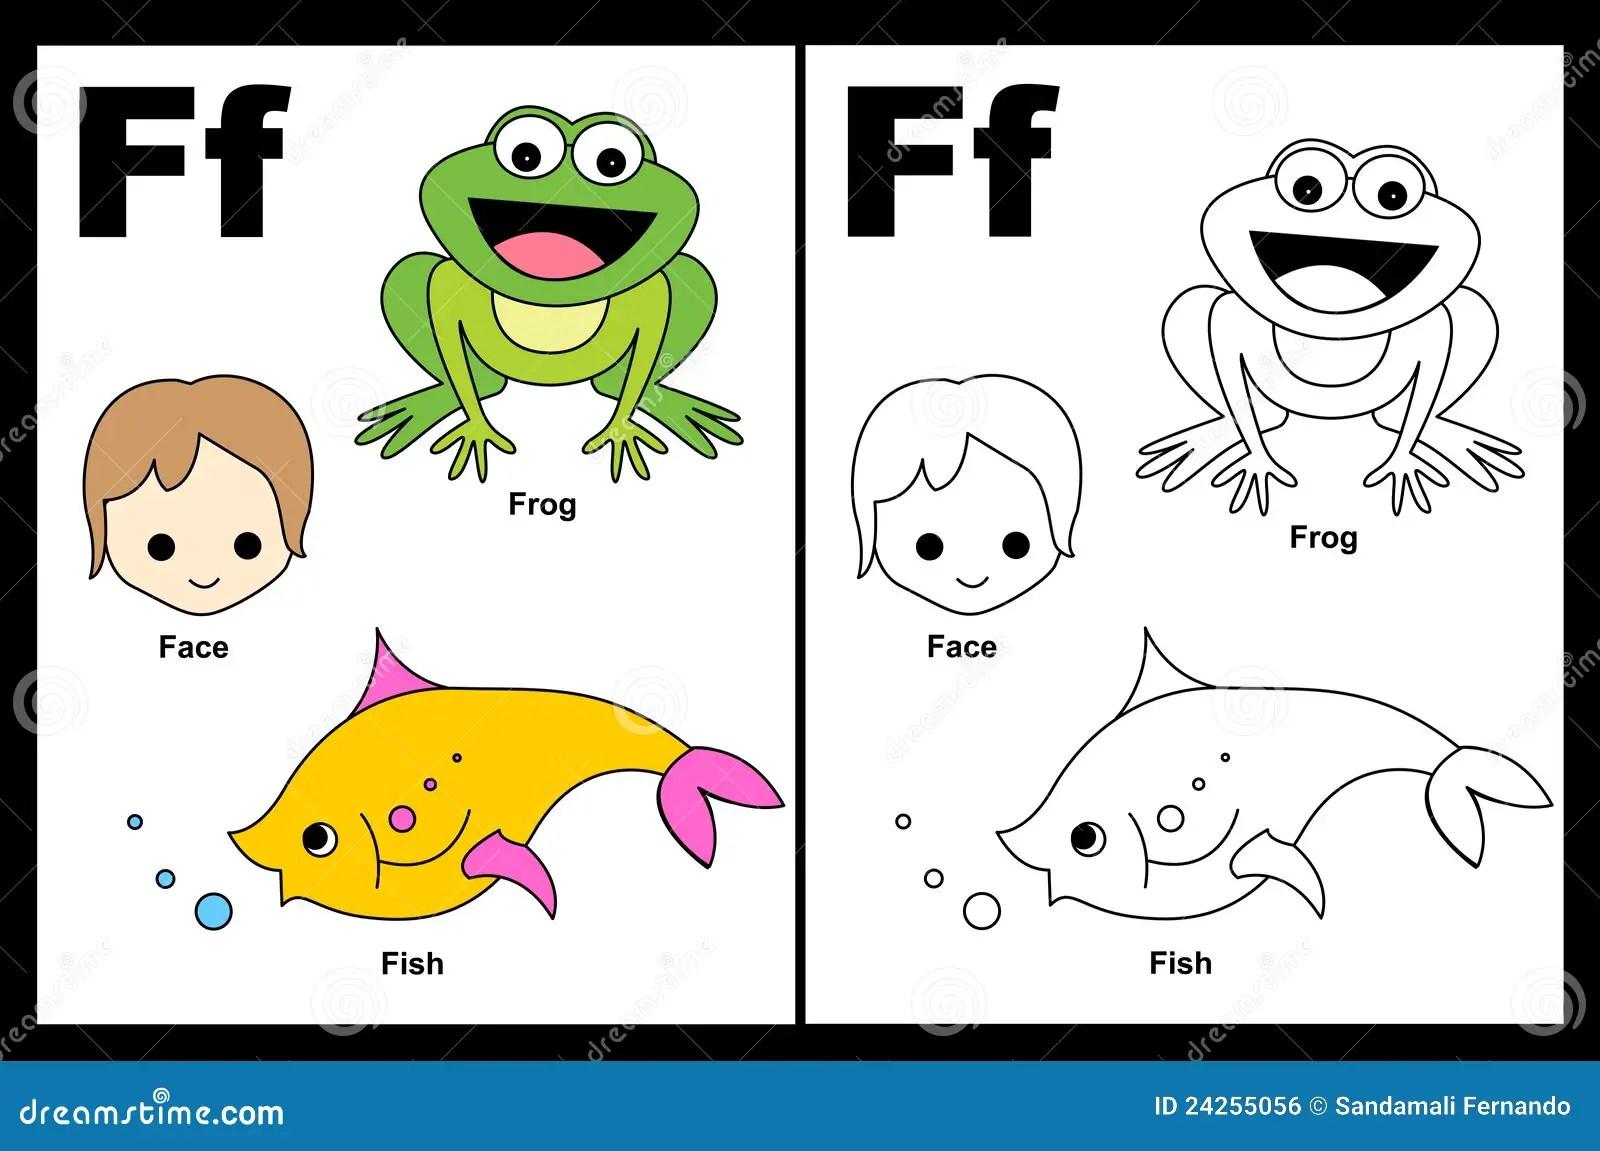 Listowy F Worksheet Ilustracja Wektor Ilustracja Z O Onej